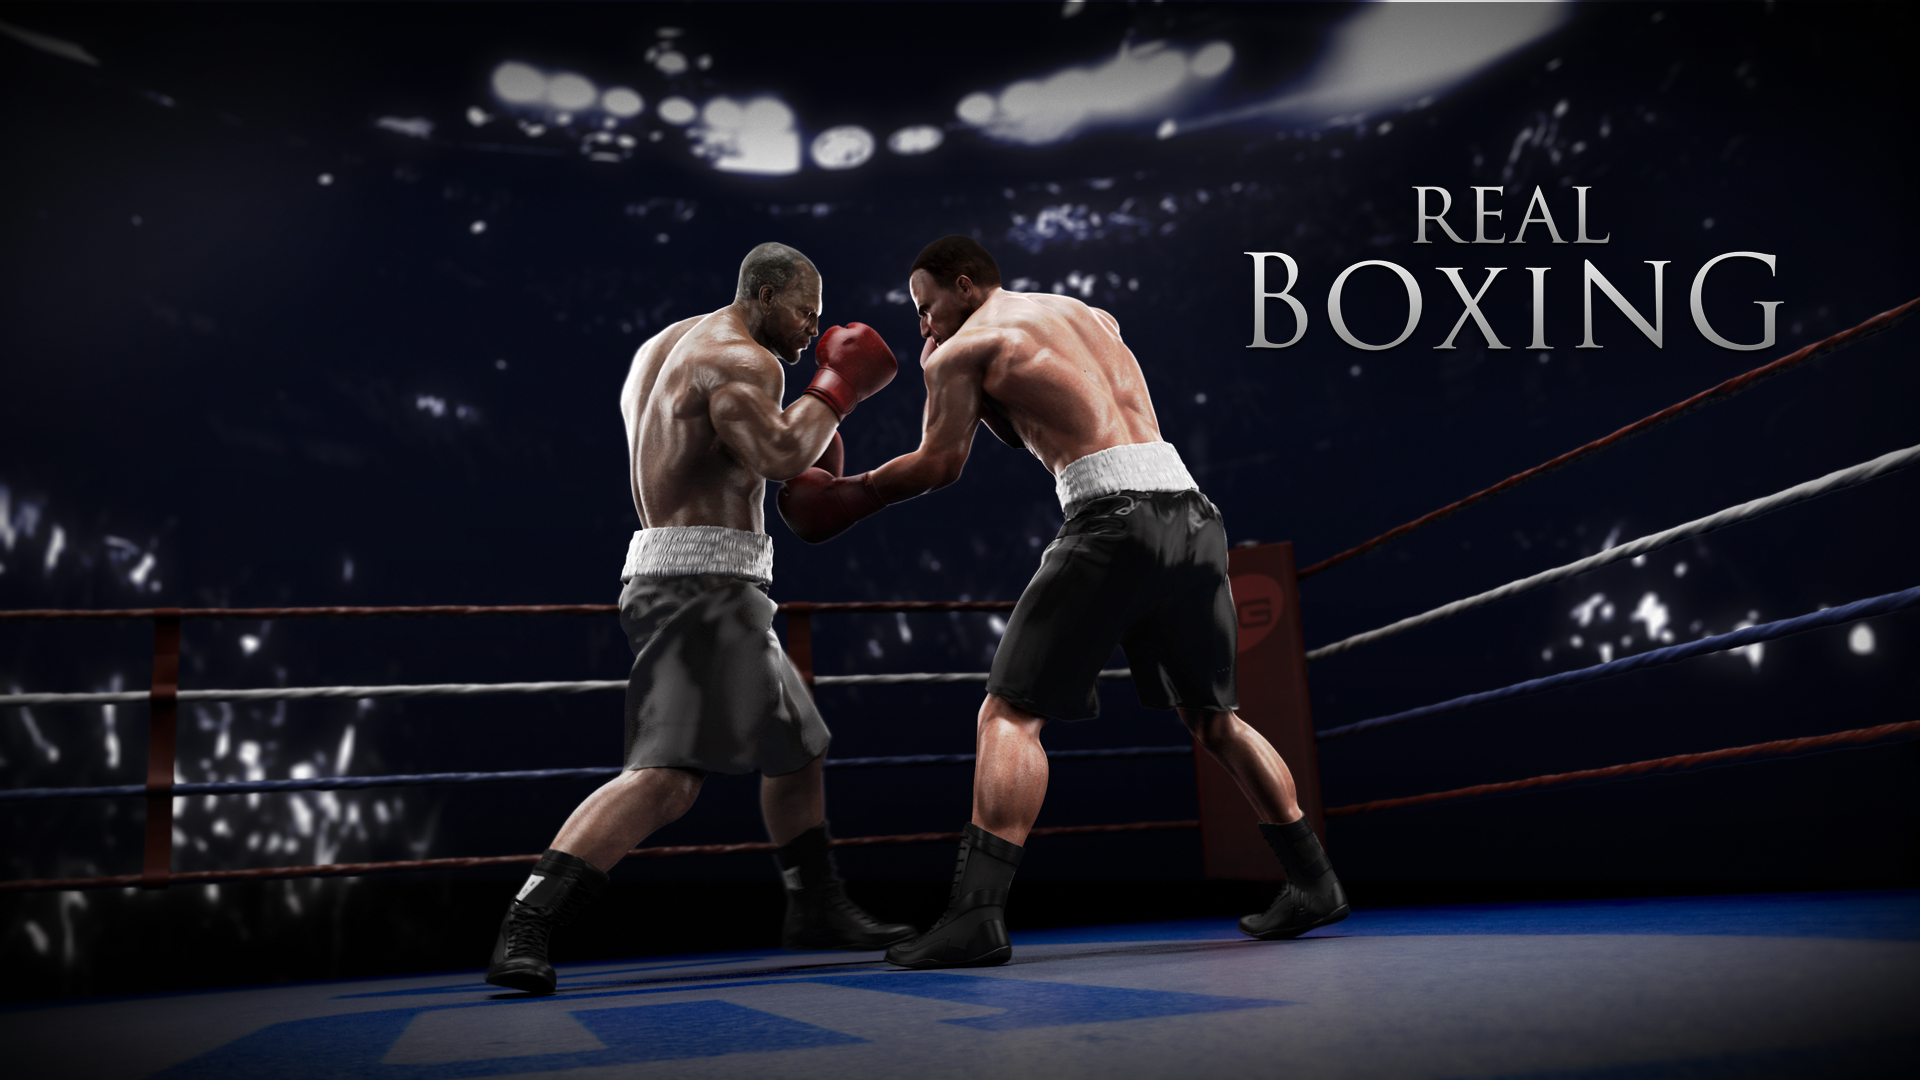 Siz Değerli Oyun Sever Ziyaretçilerimizi Düşünerek Oyunda Para Biriktirme  Sorununu Ortadan Kaldırmak Amaçlı Sizlere Real Boxing Oyununun Para  Hilesini PlusPng.com  - Boxing HD PNG